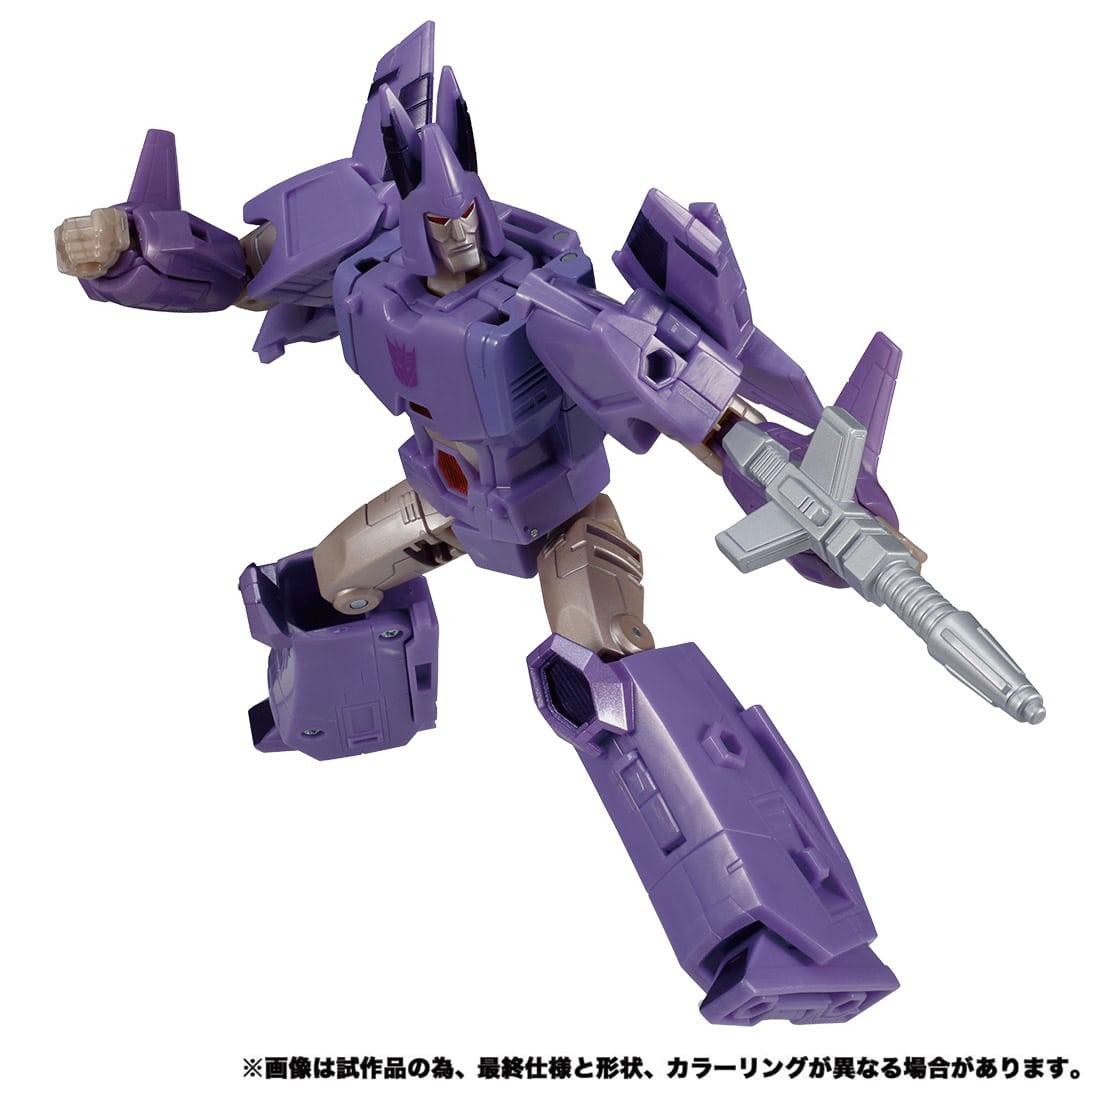 トランスフォーマー キングダム『KD-07 サイクロナス』可変可動フィギュア-003